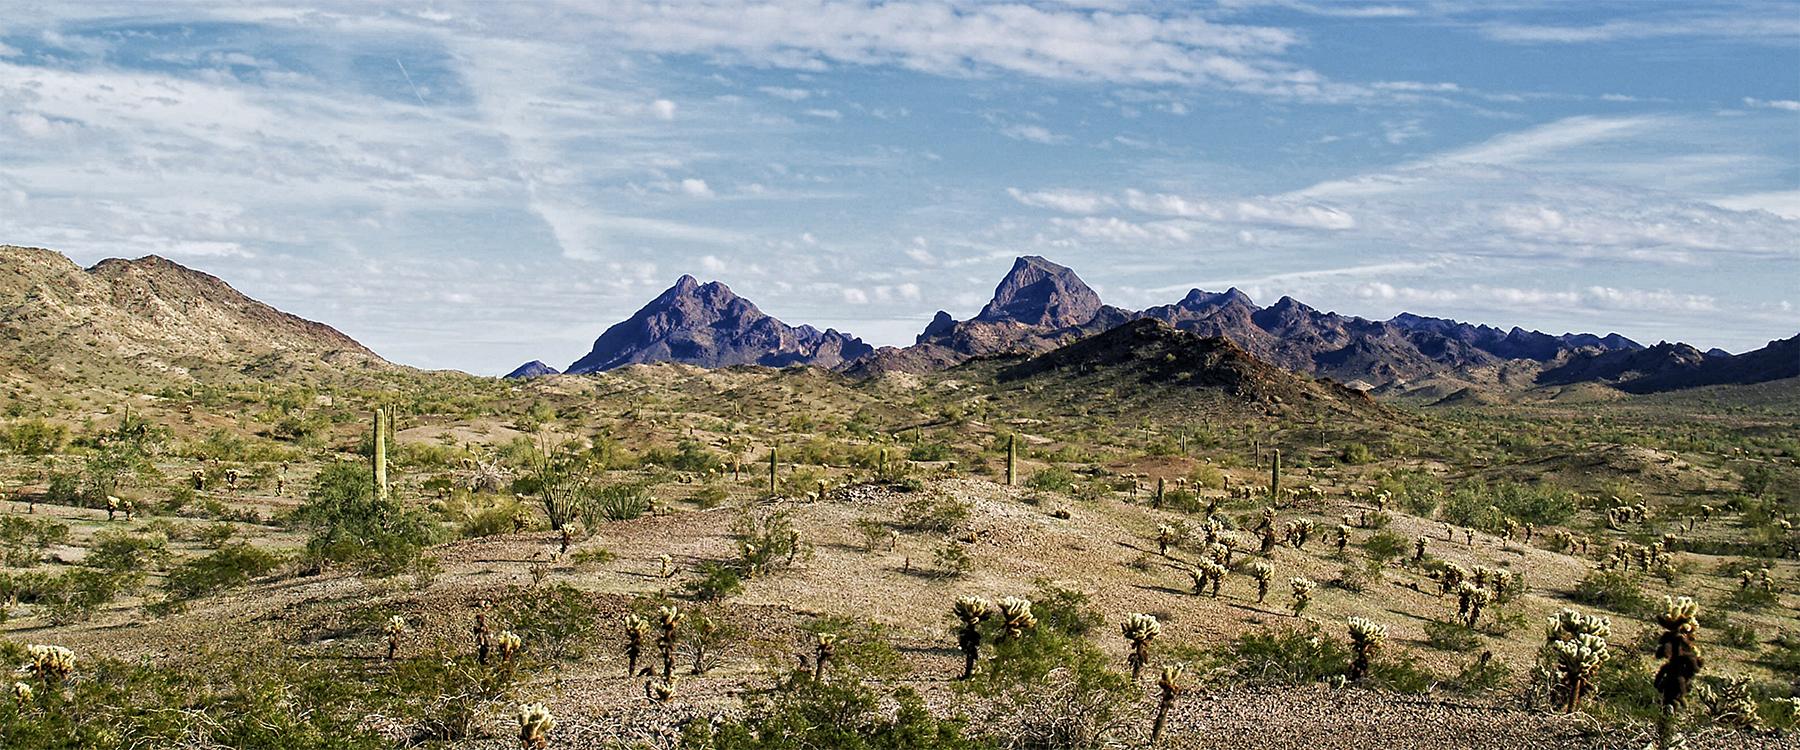 LA PAZ COUNTY AZ. landscape